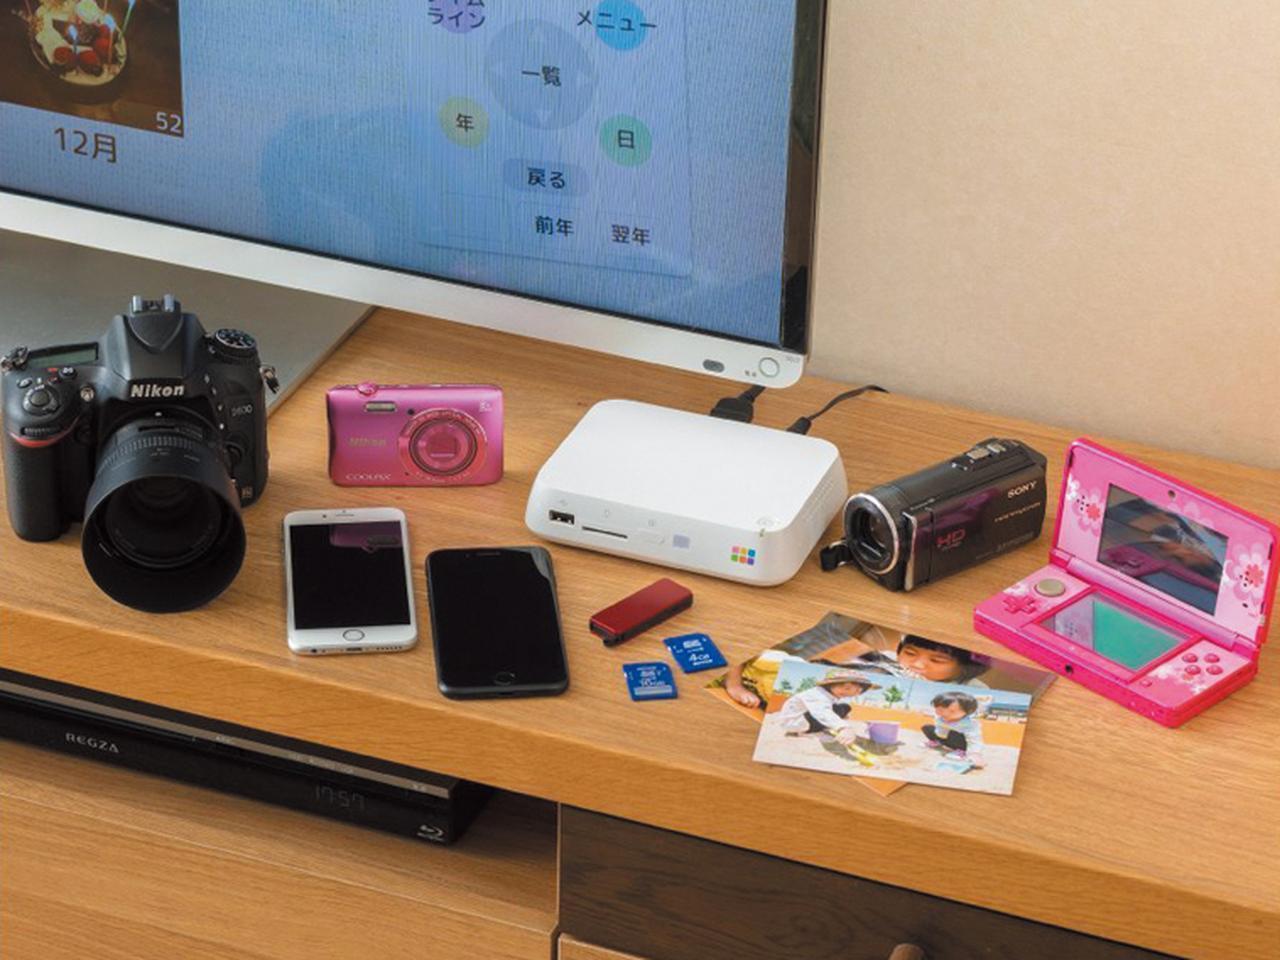 画像: 「カメラと写真」の超入門 撮影後、画像ファイルの整理や保存はどうすればいい?